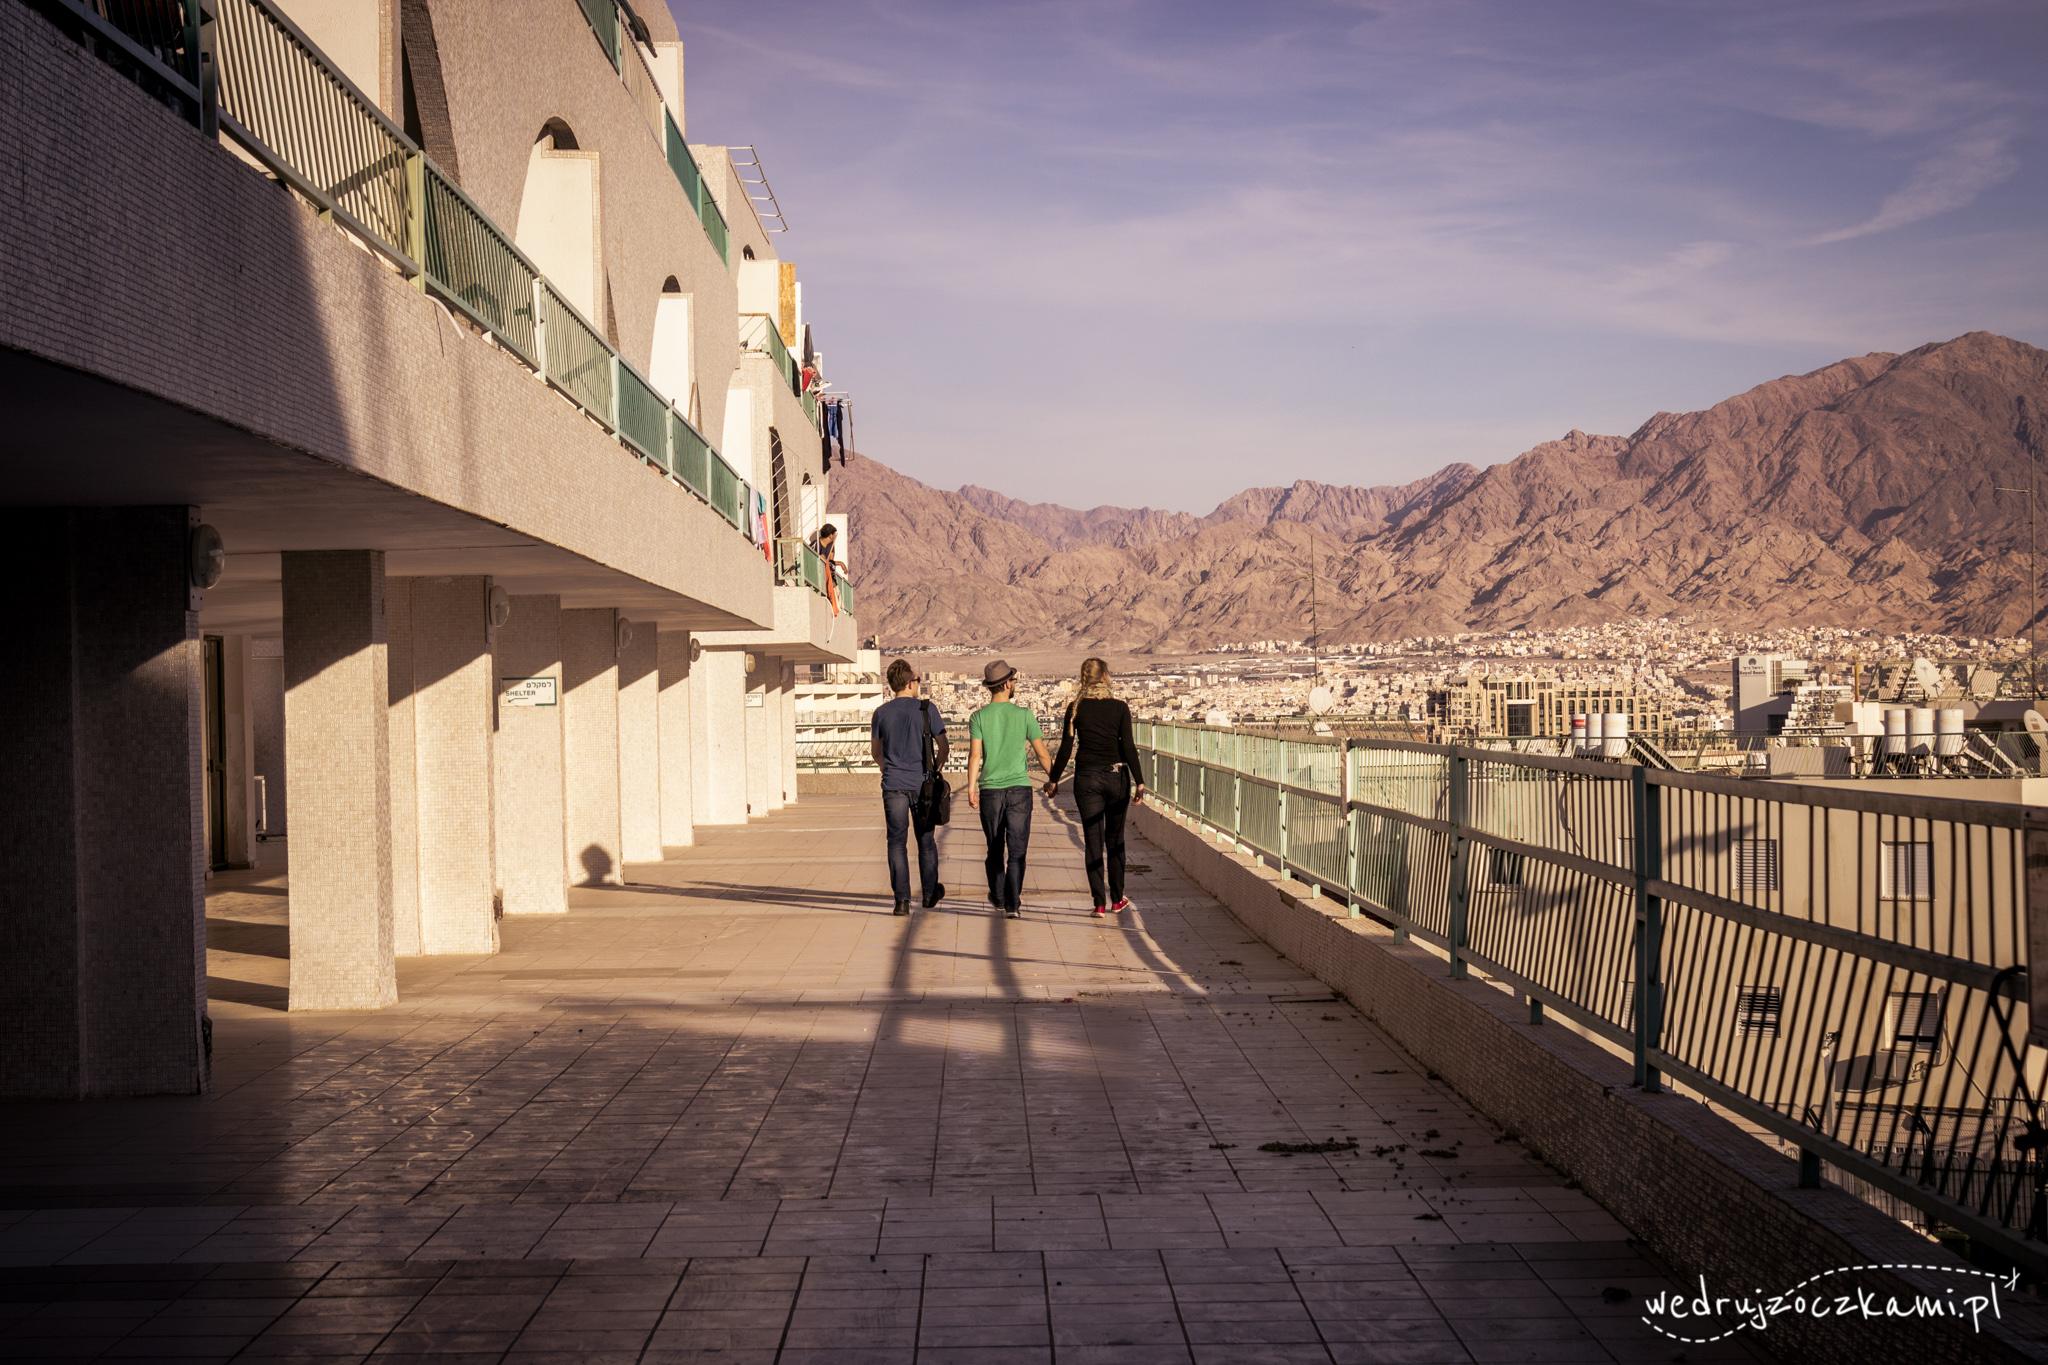 Eilat. Poszukiwanie mieszkania i napawanie się cudownymi widokami.